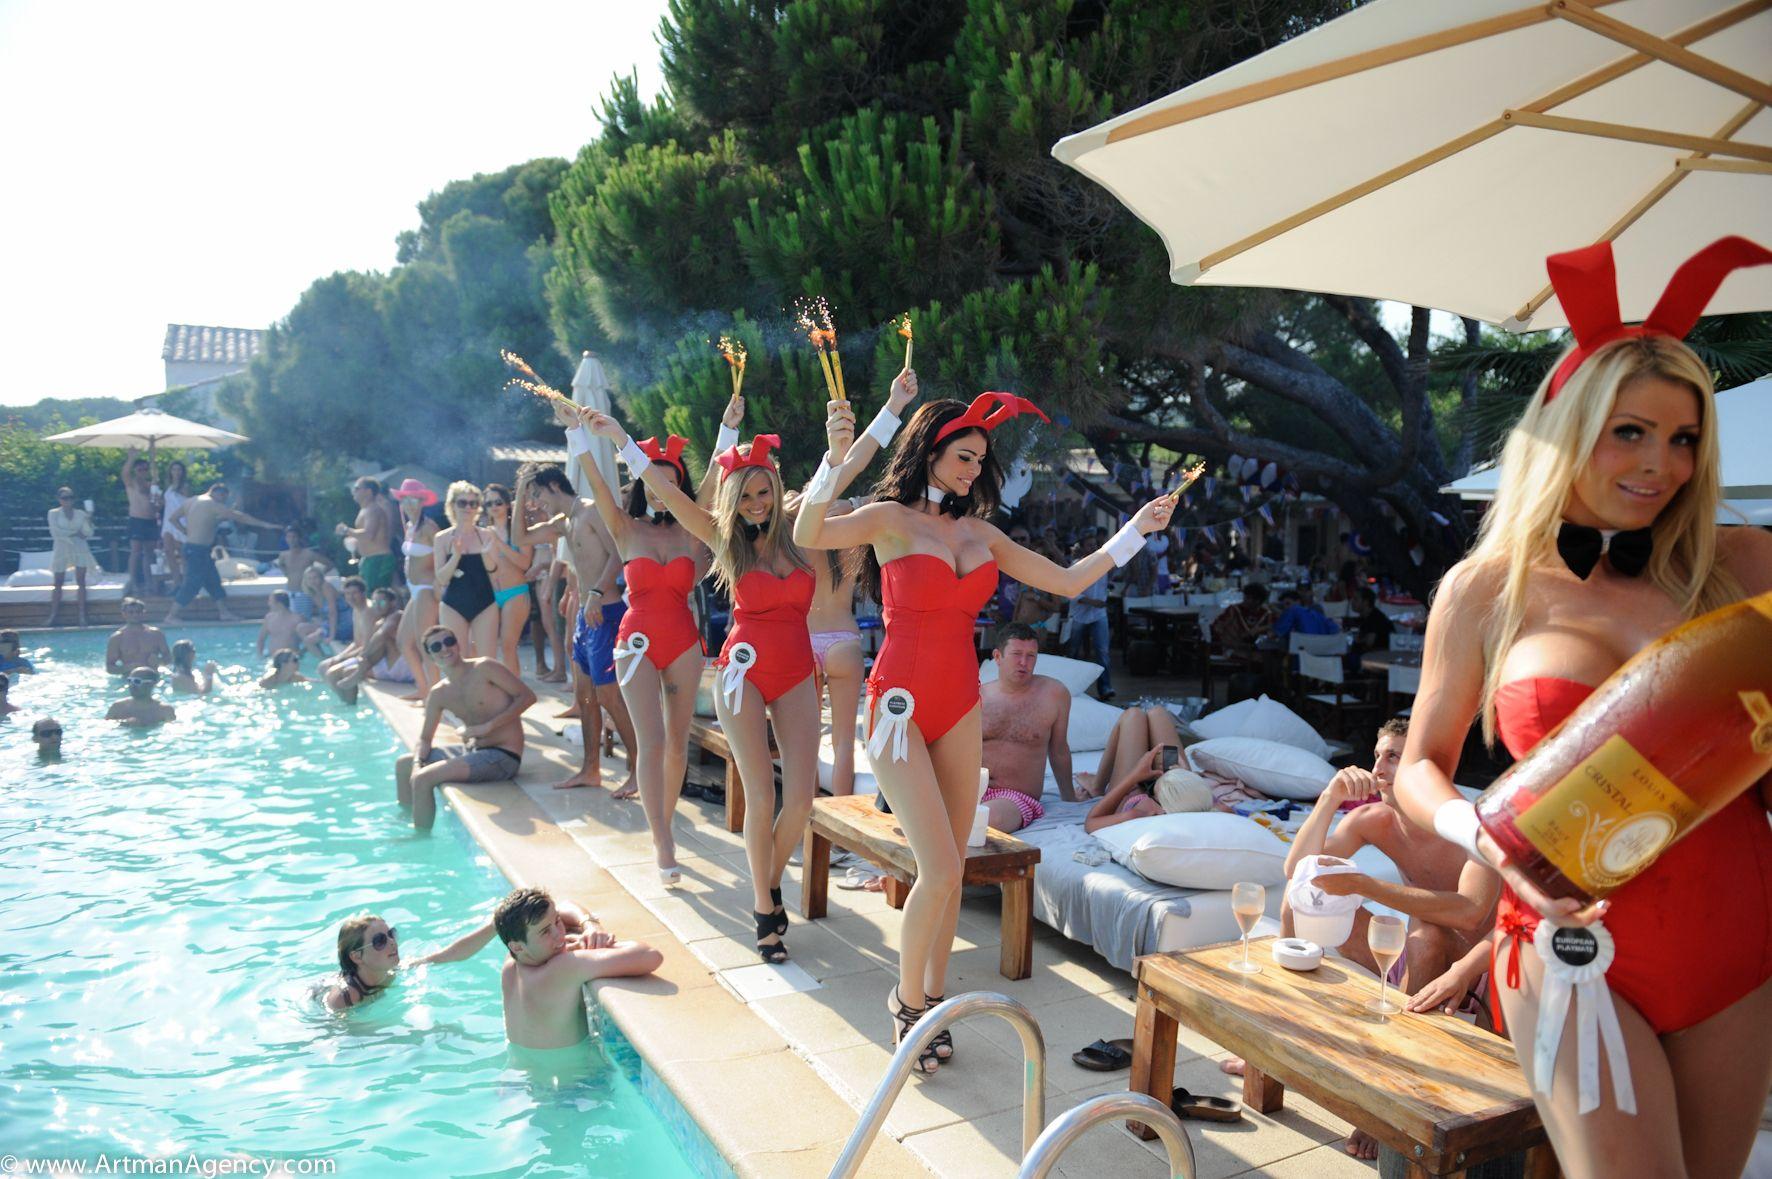 St. Tropez Nikki Beach Nikki beach, beaches party